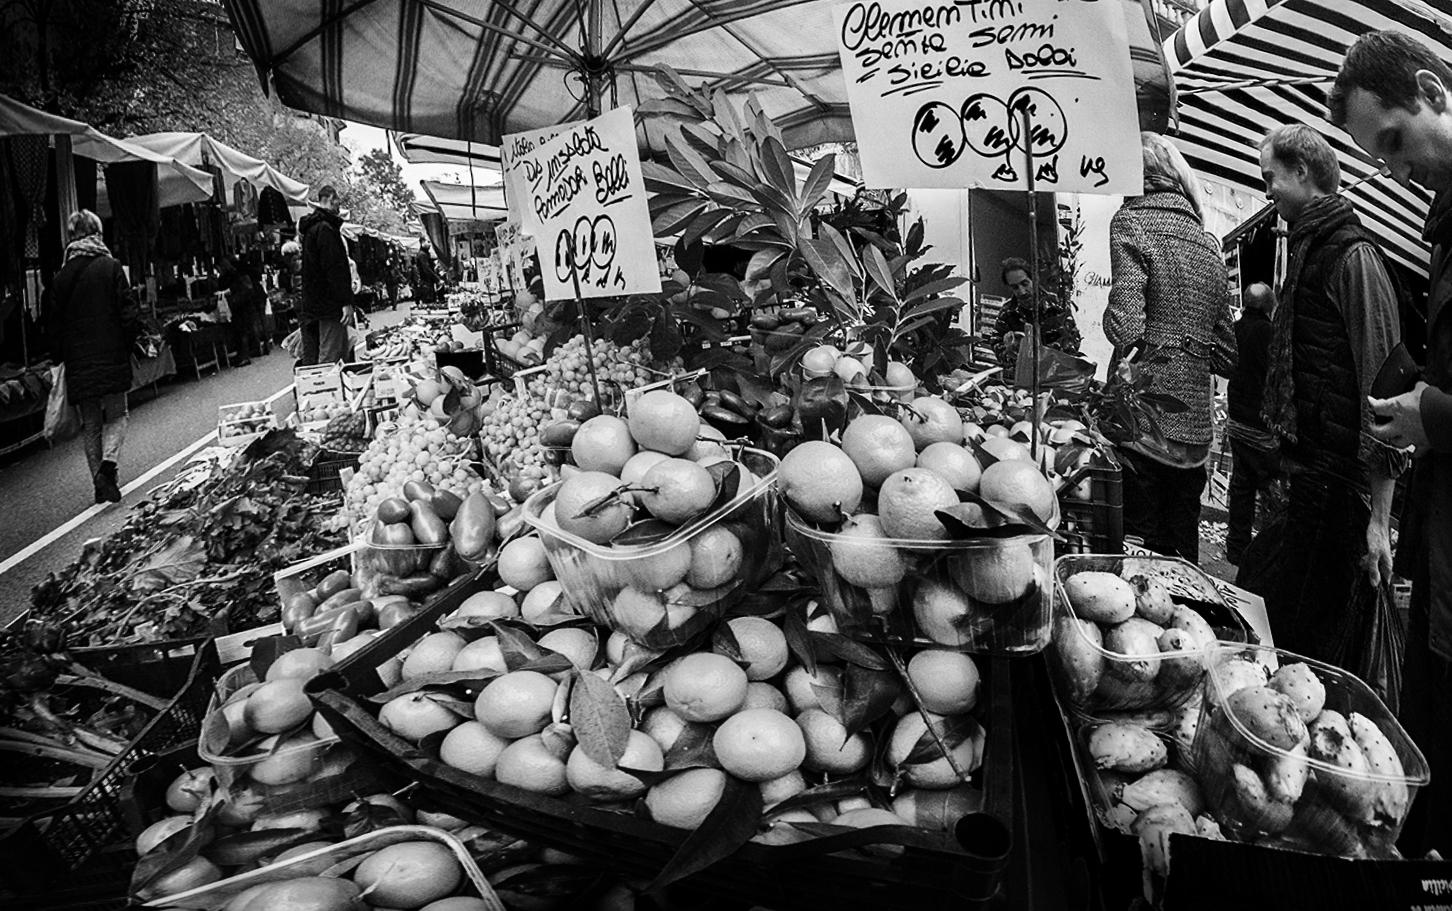 MILUNA-Ewa-Milun-Walczak-Na-Straganie-W-Dzien-targowy-Mediolan-Wlochy-bazar-targ-warzywa-ludzie-tlumy-reportaz-zakupy-8